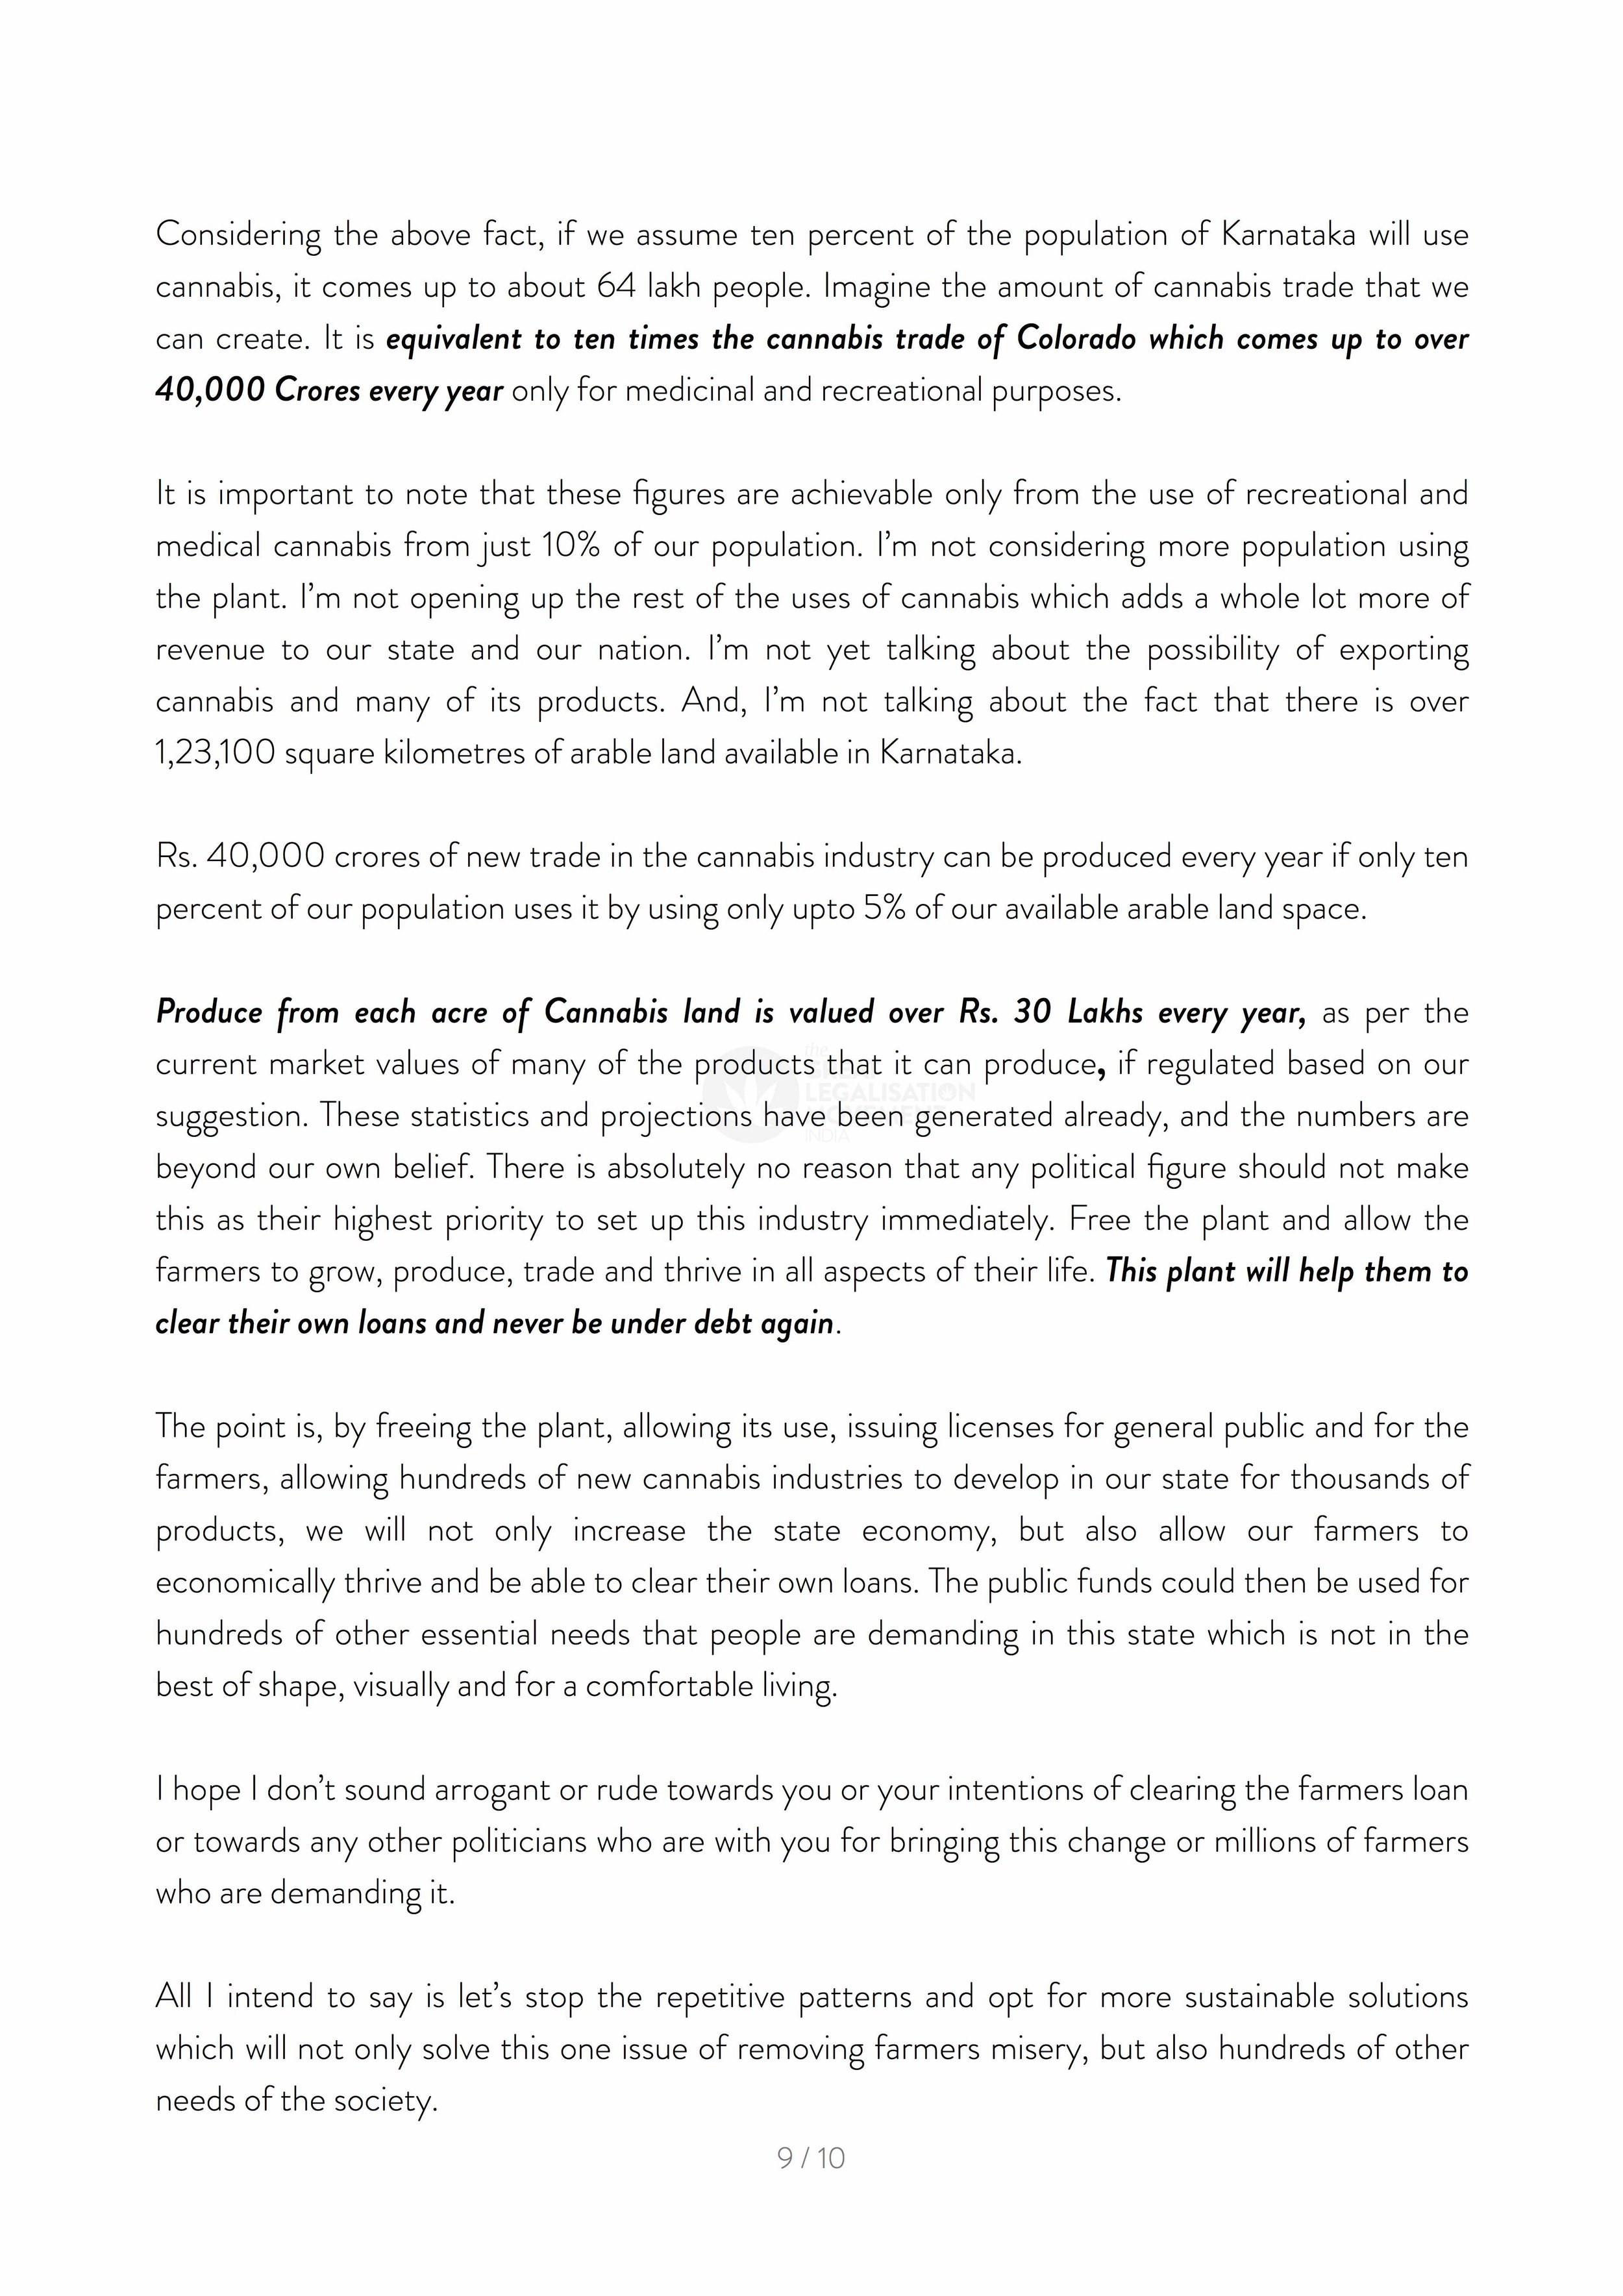 Letter to Kumaraswamy 7_9.jpg